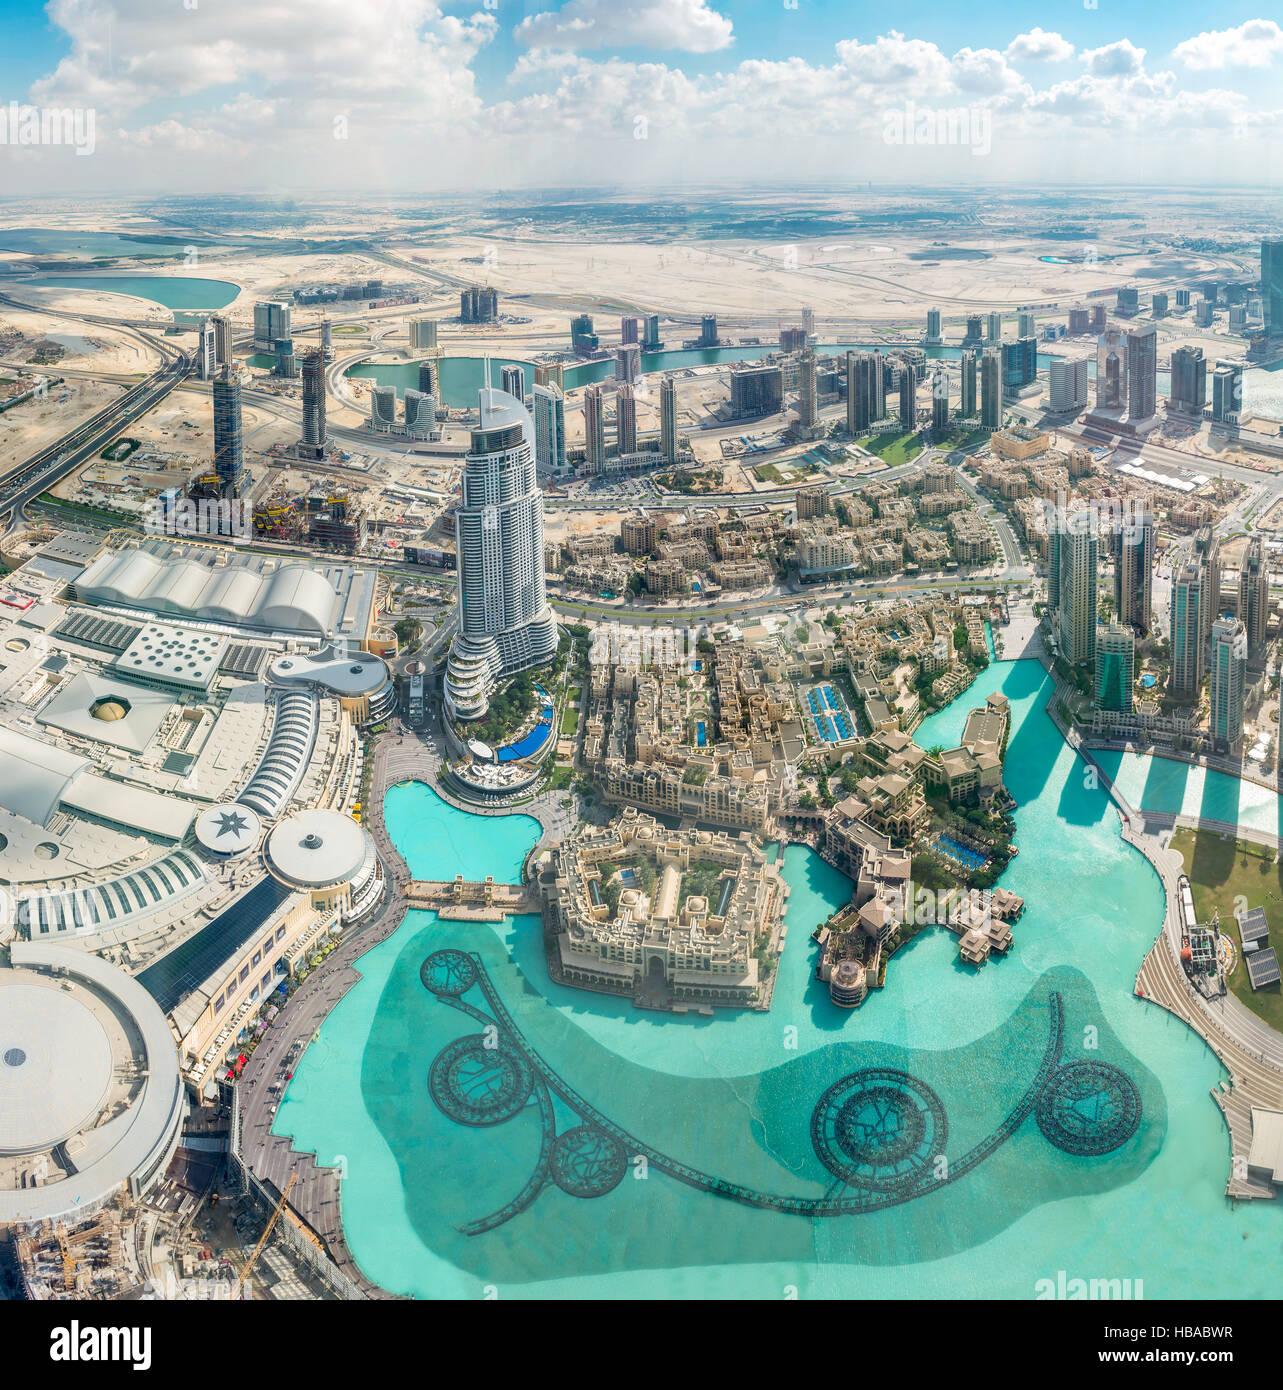 Vista aérea de Dubai (Emiratos Árabes Unidos) Imagen De Stock